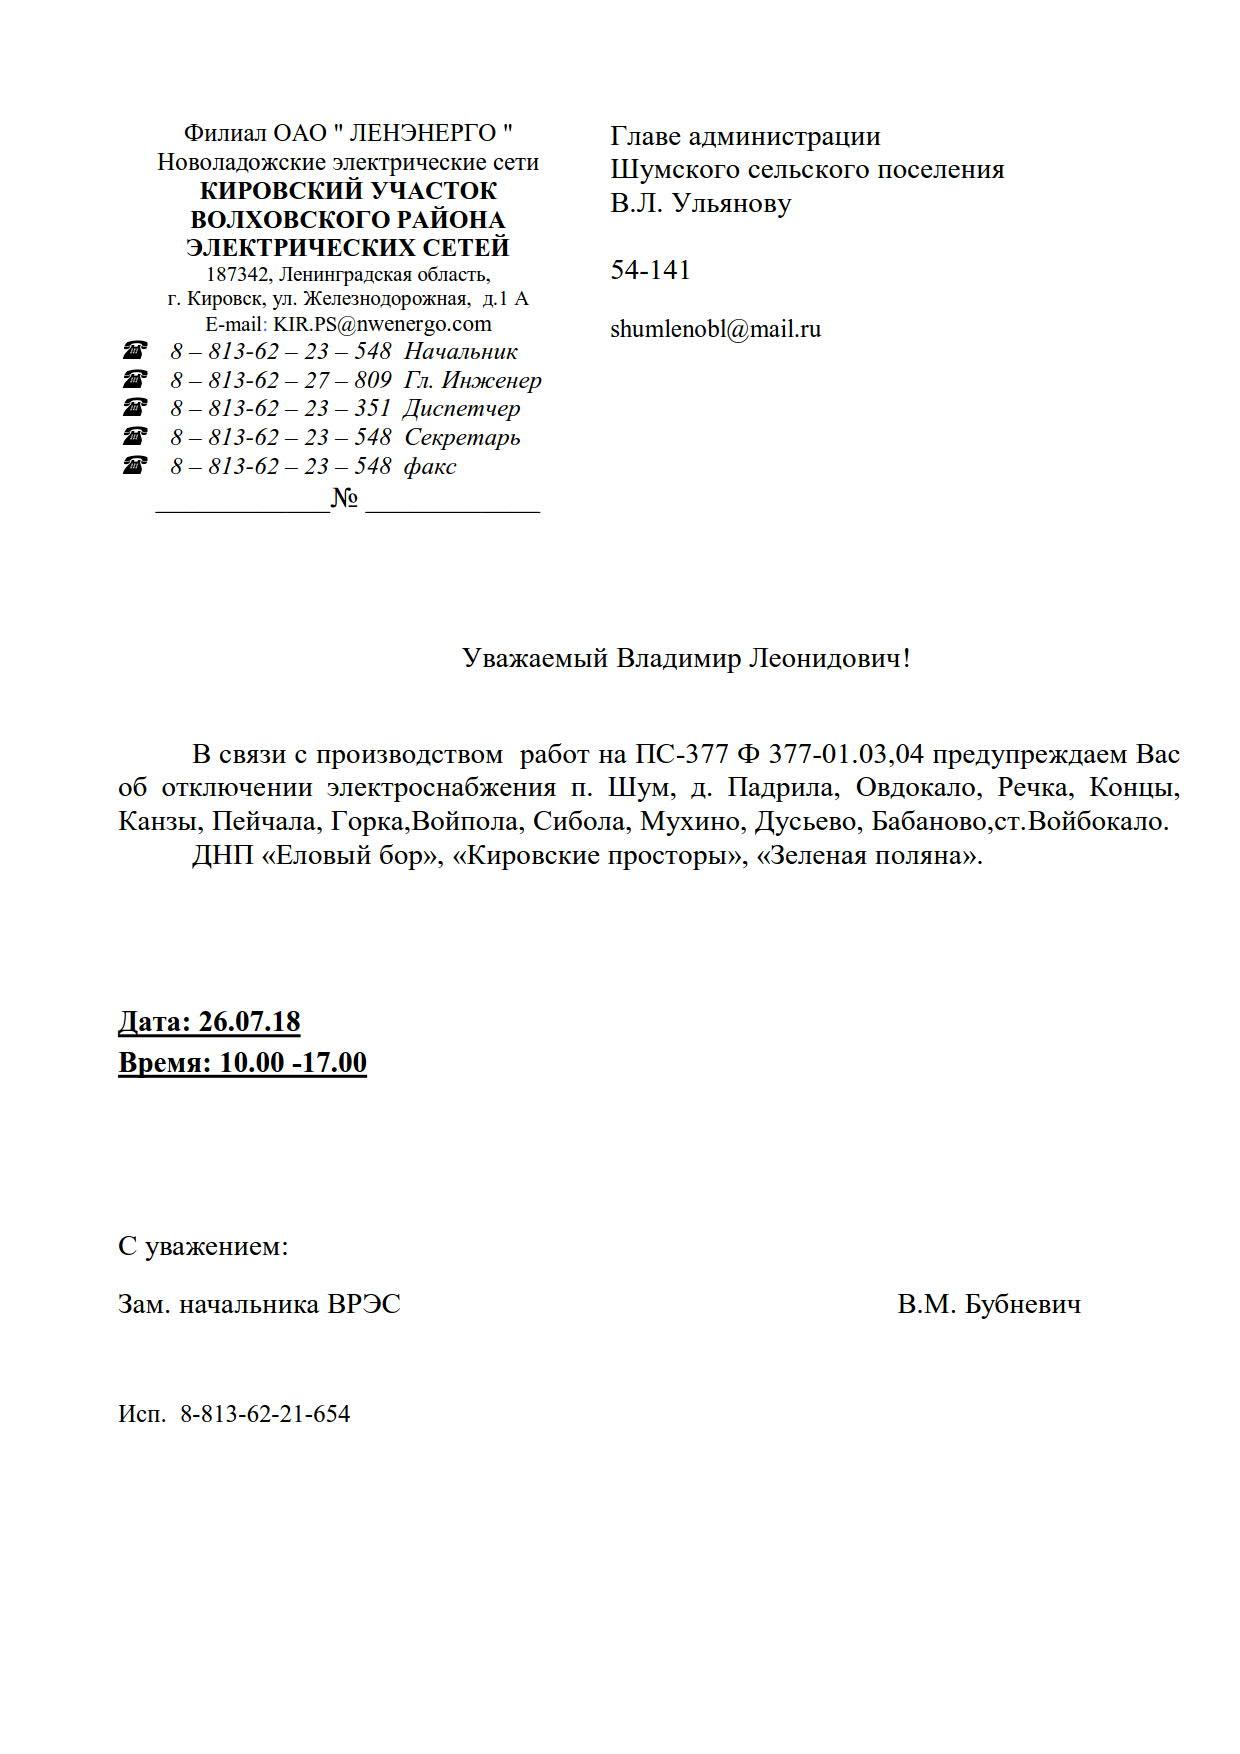 Шумская волость 08.06.18 -_1